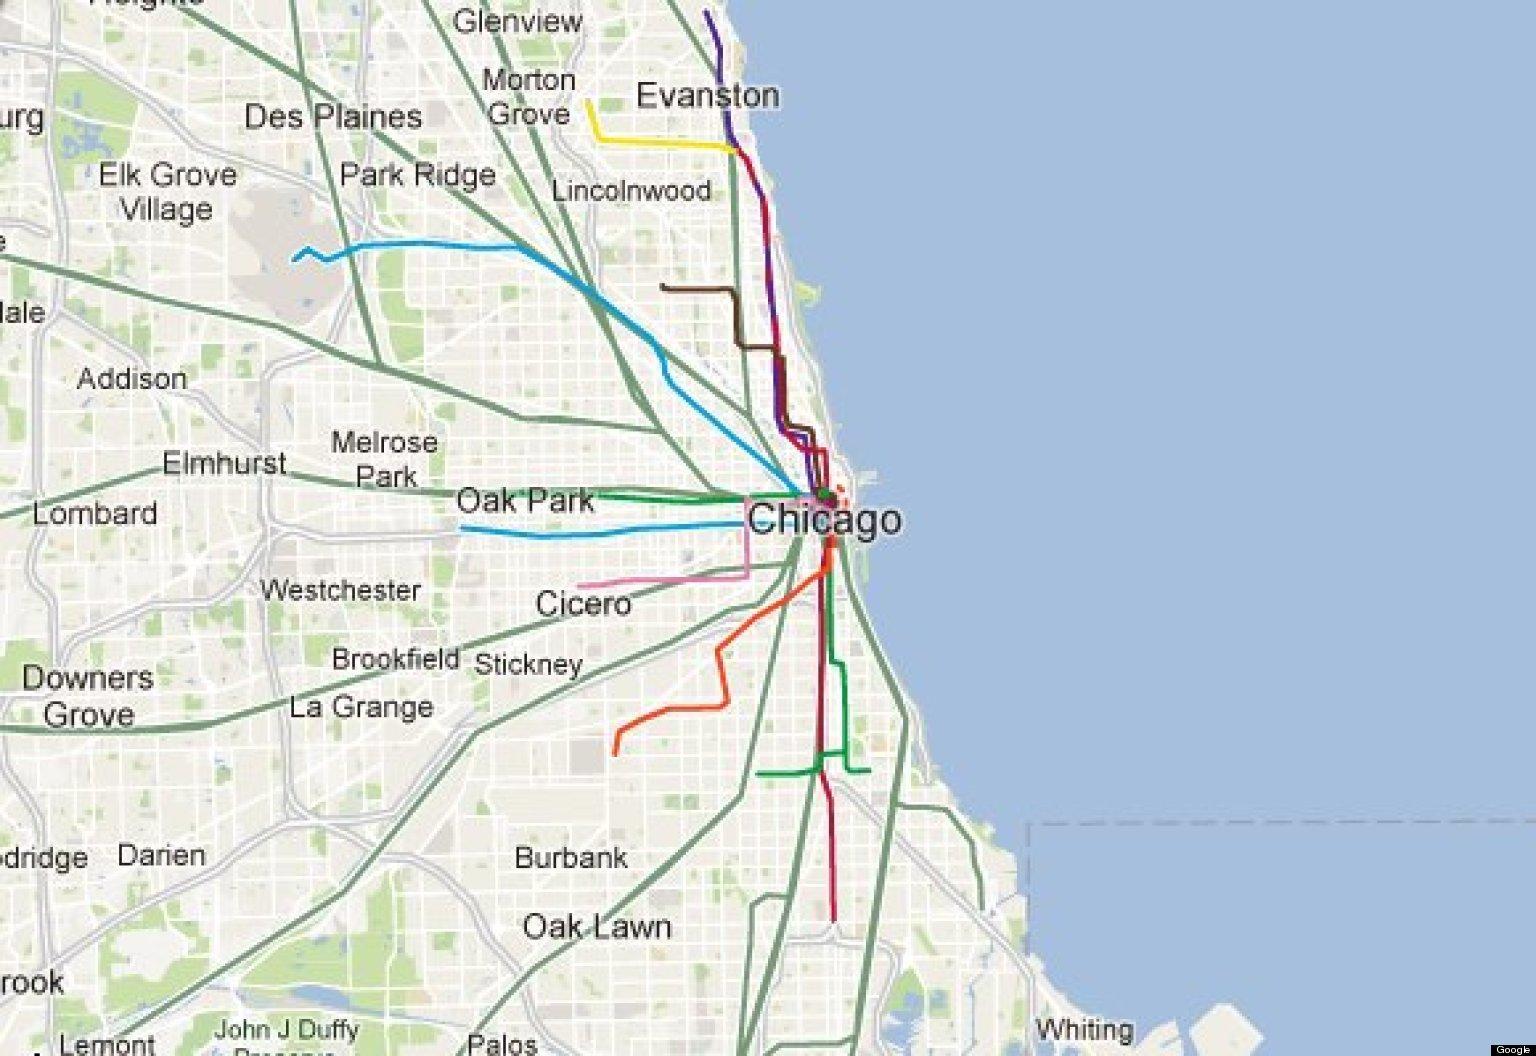 Karta Usa Chicago.Chicago Bla Linje Karta Chicago Bla Linje Tag Karta Usa